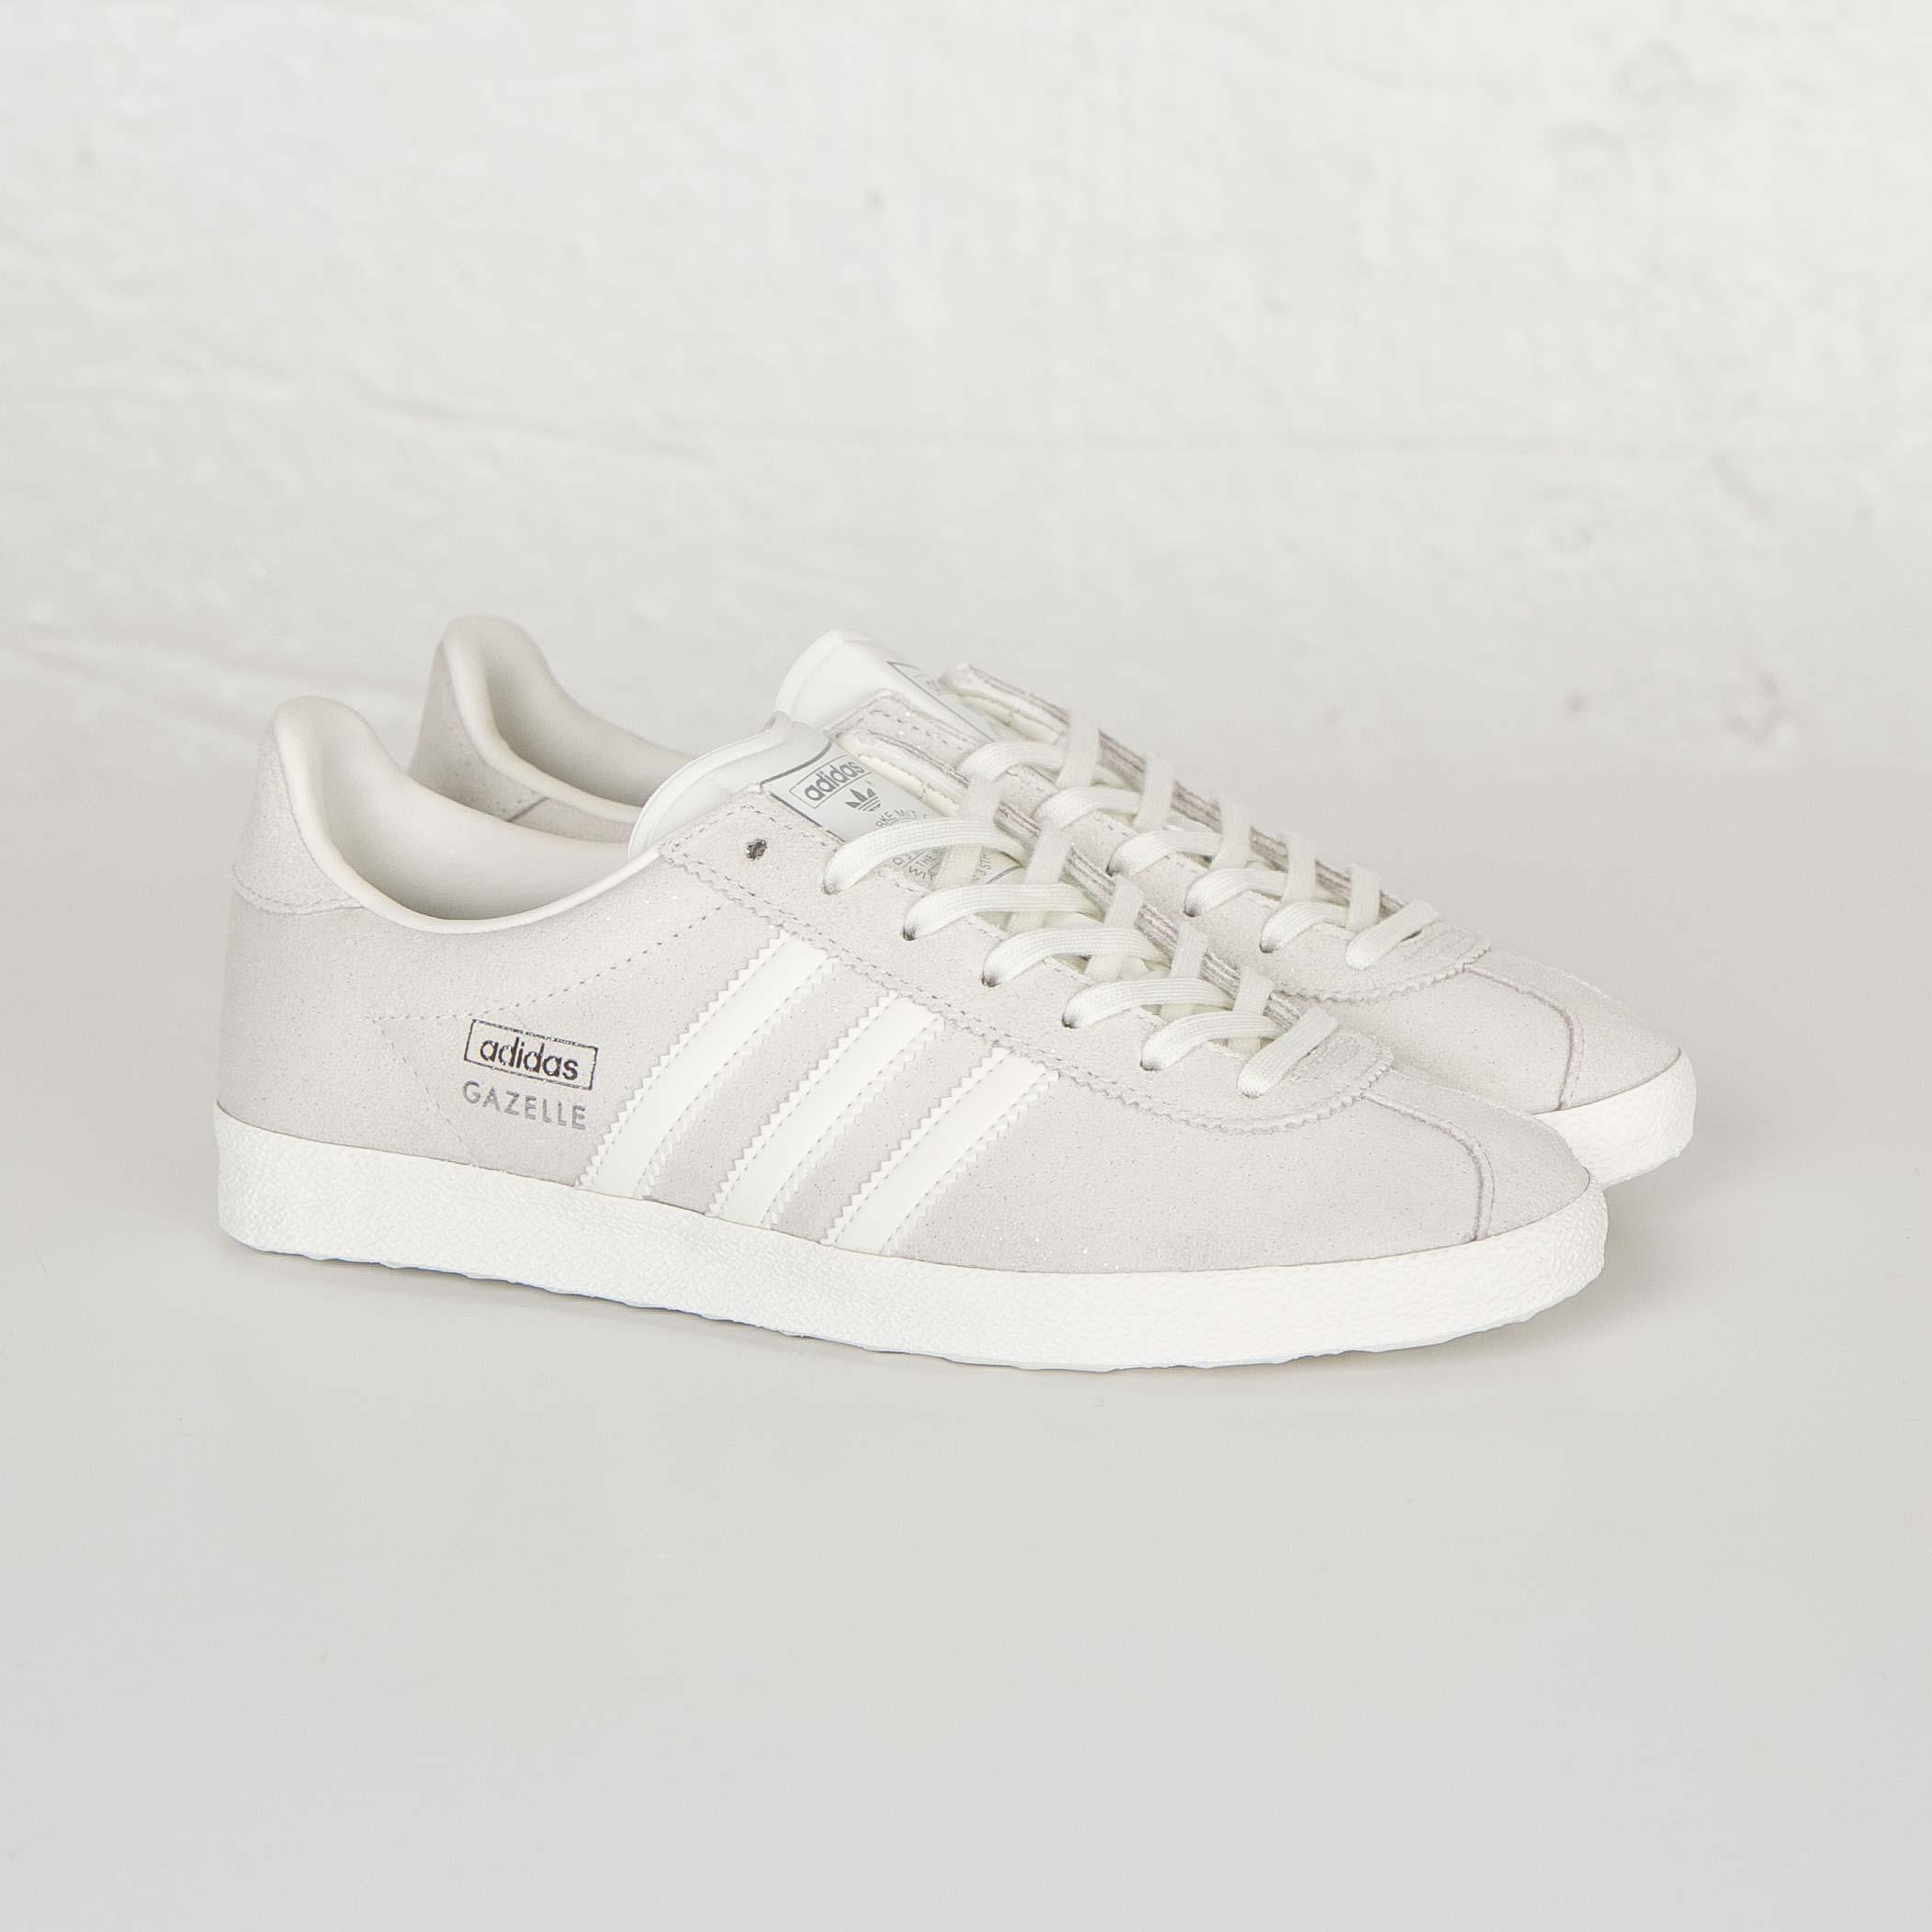 wholesale dealer 204b3 c33c9 adidas gazelle og online